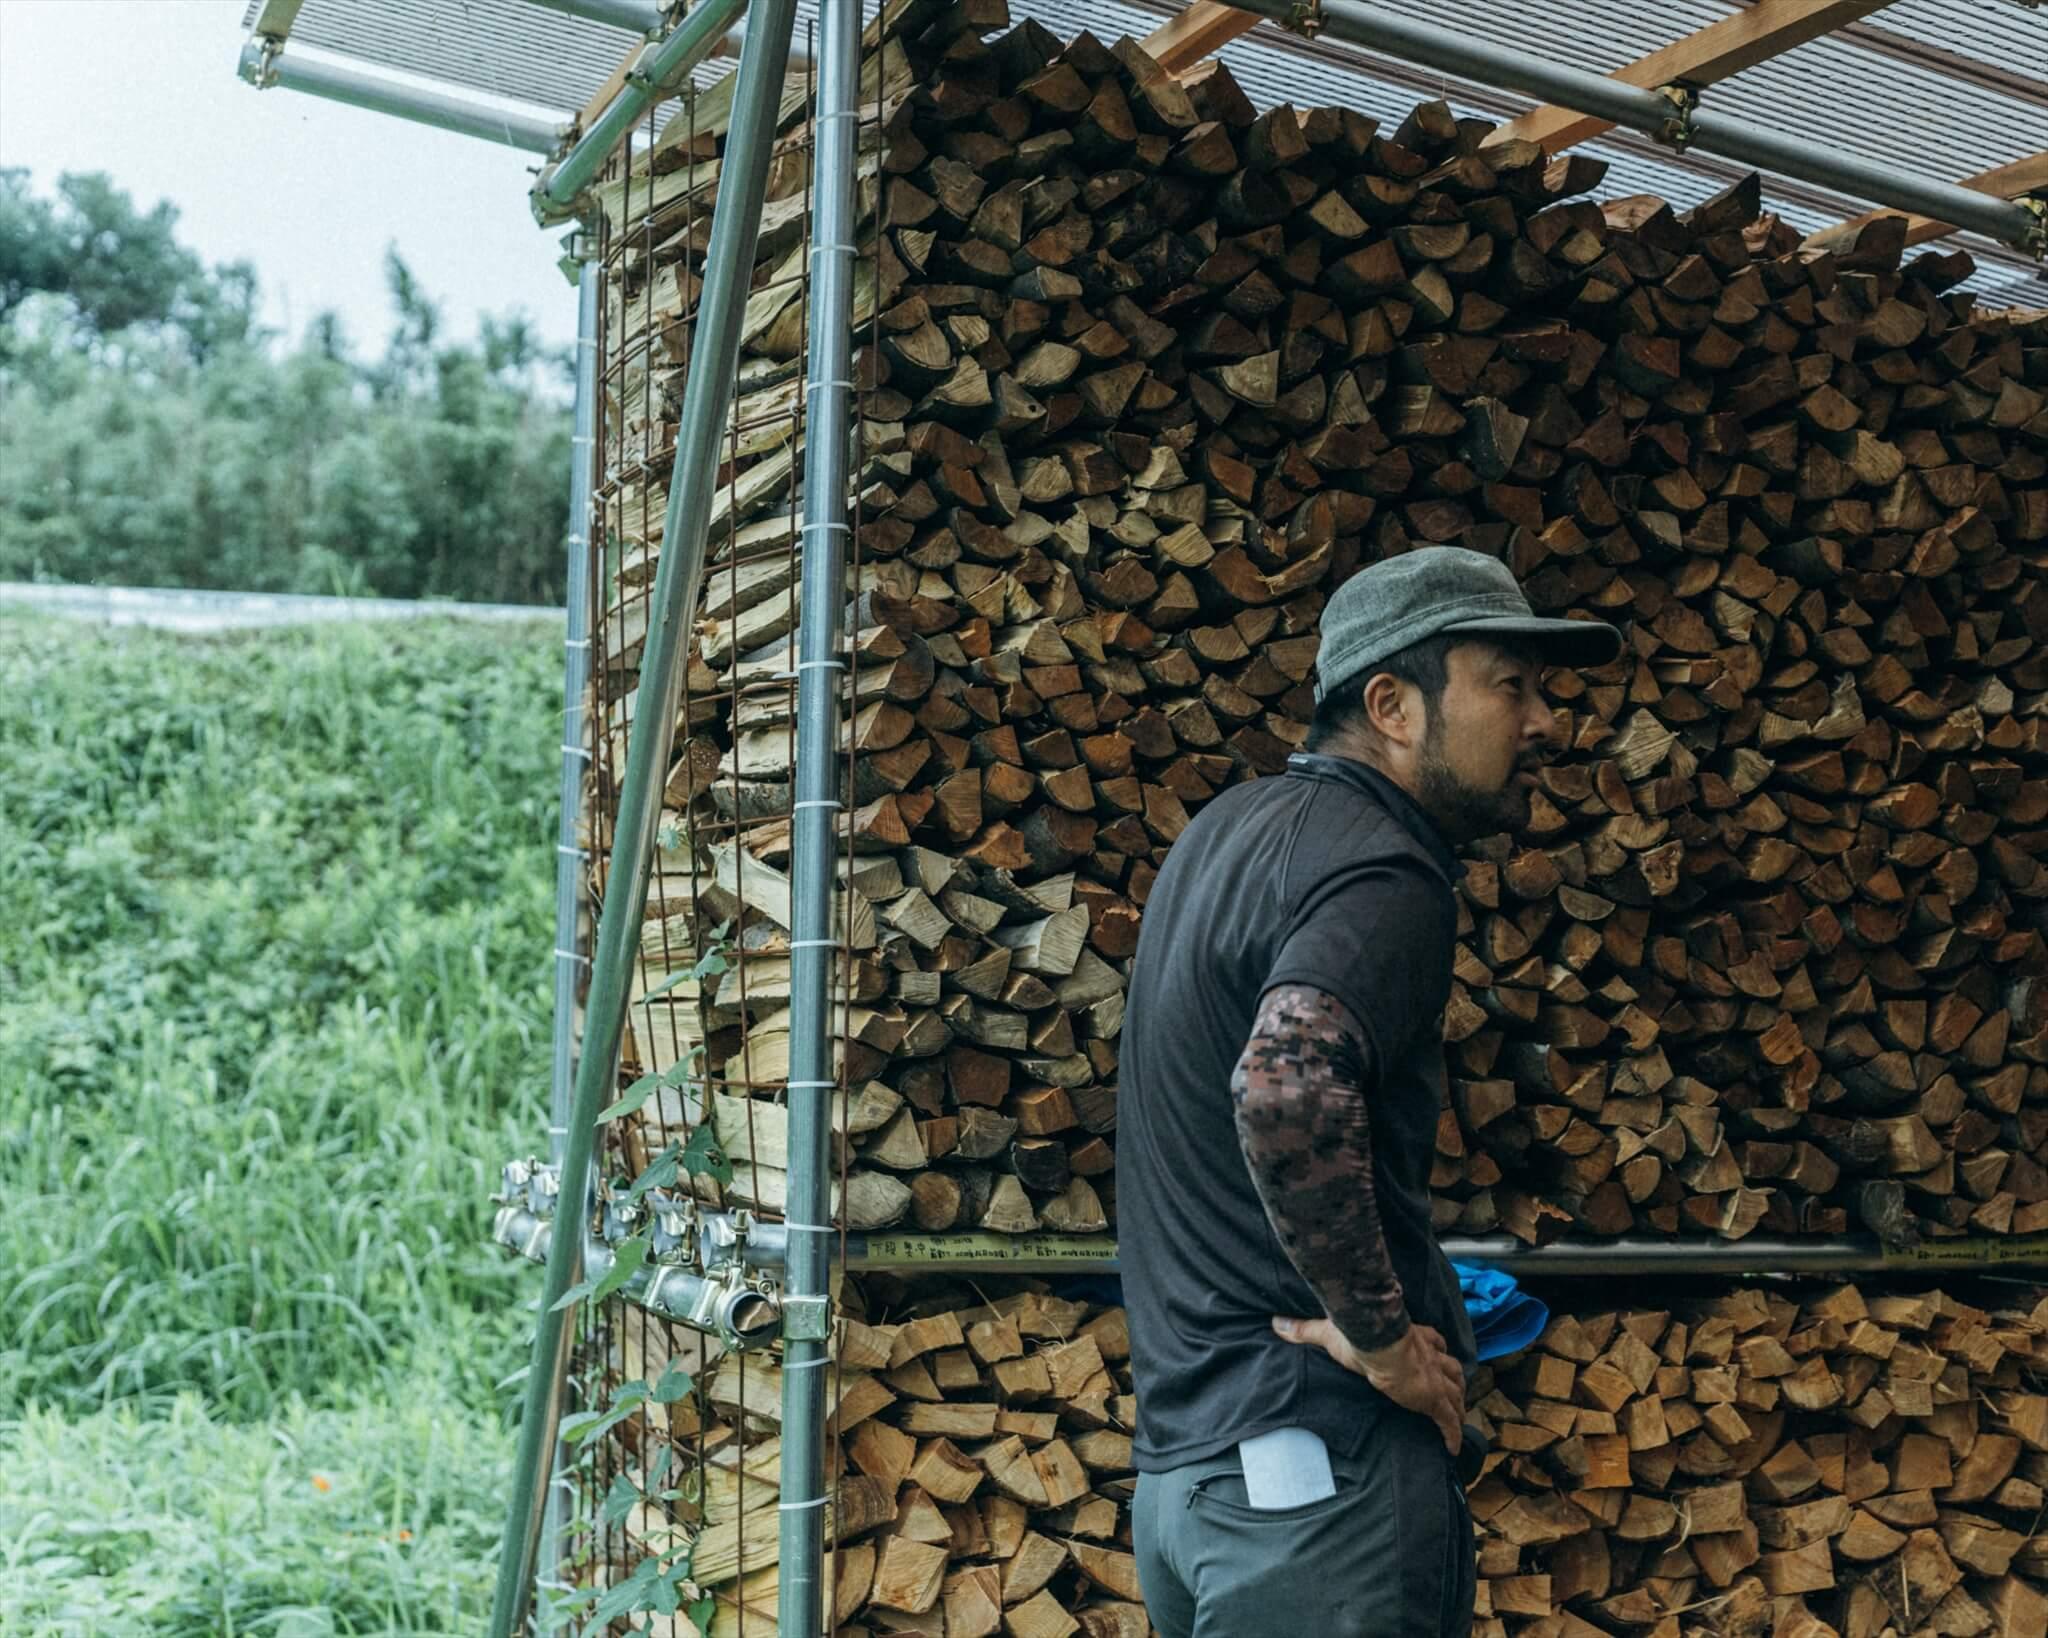 阿武町の山にある広葉樹をキャンプフィールドの薪として活用していく計画